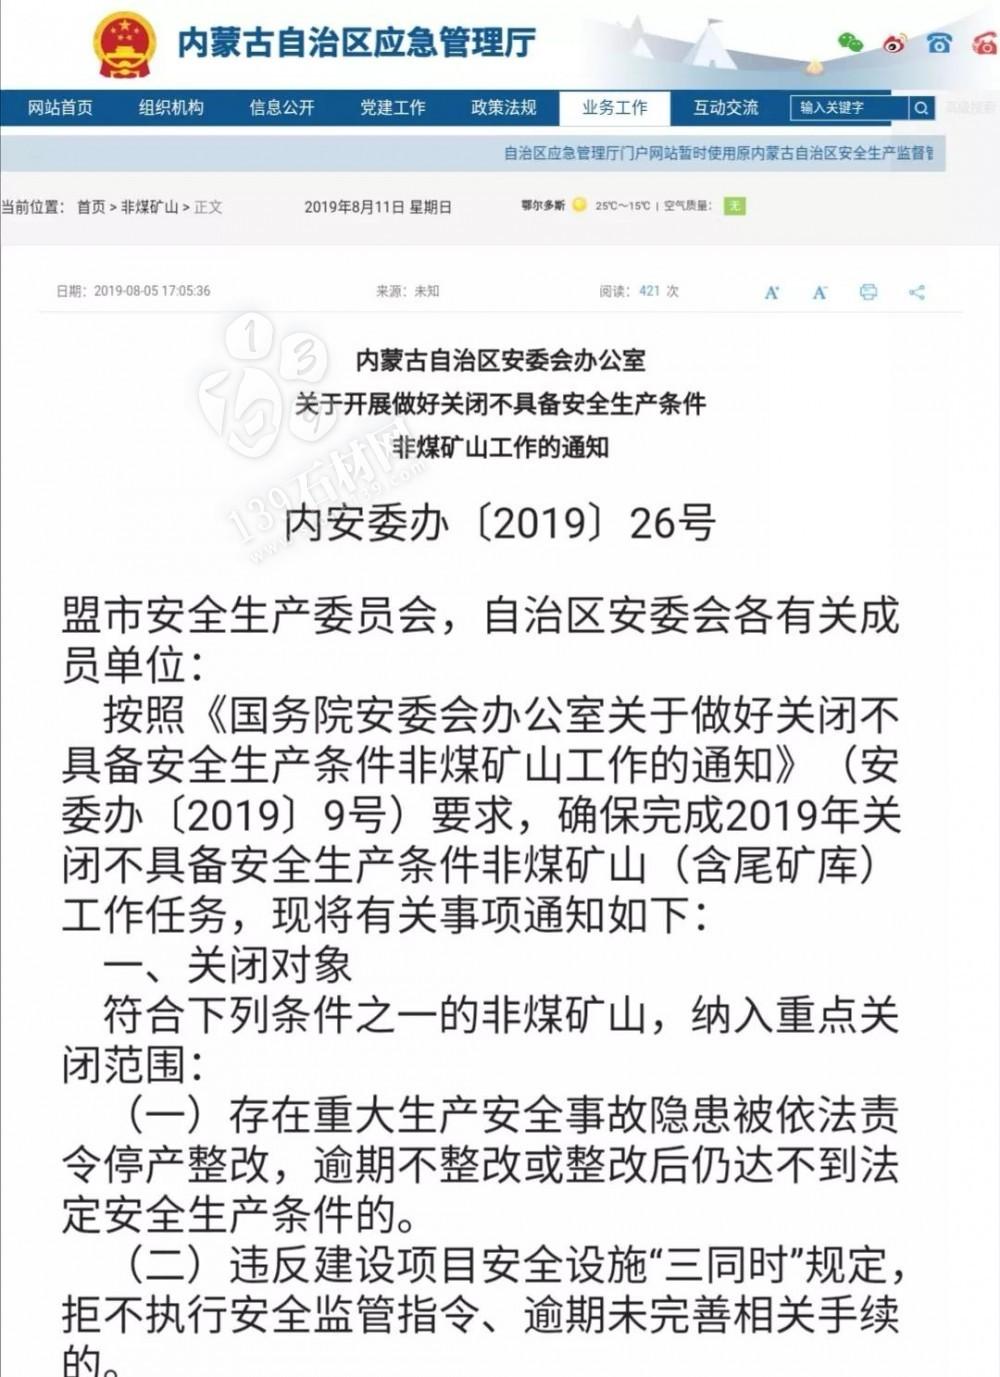 内蒙古70多座问题矿山将在2019年底前关闭